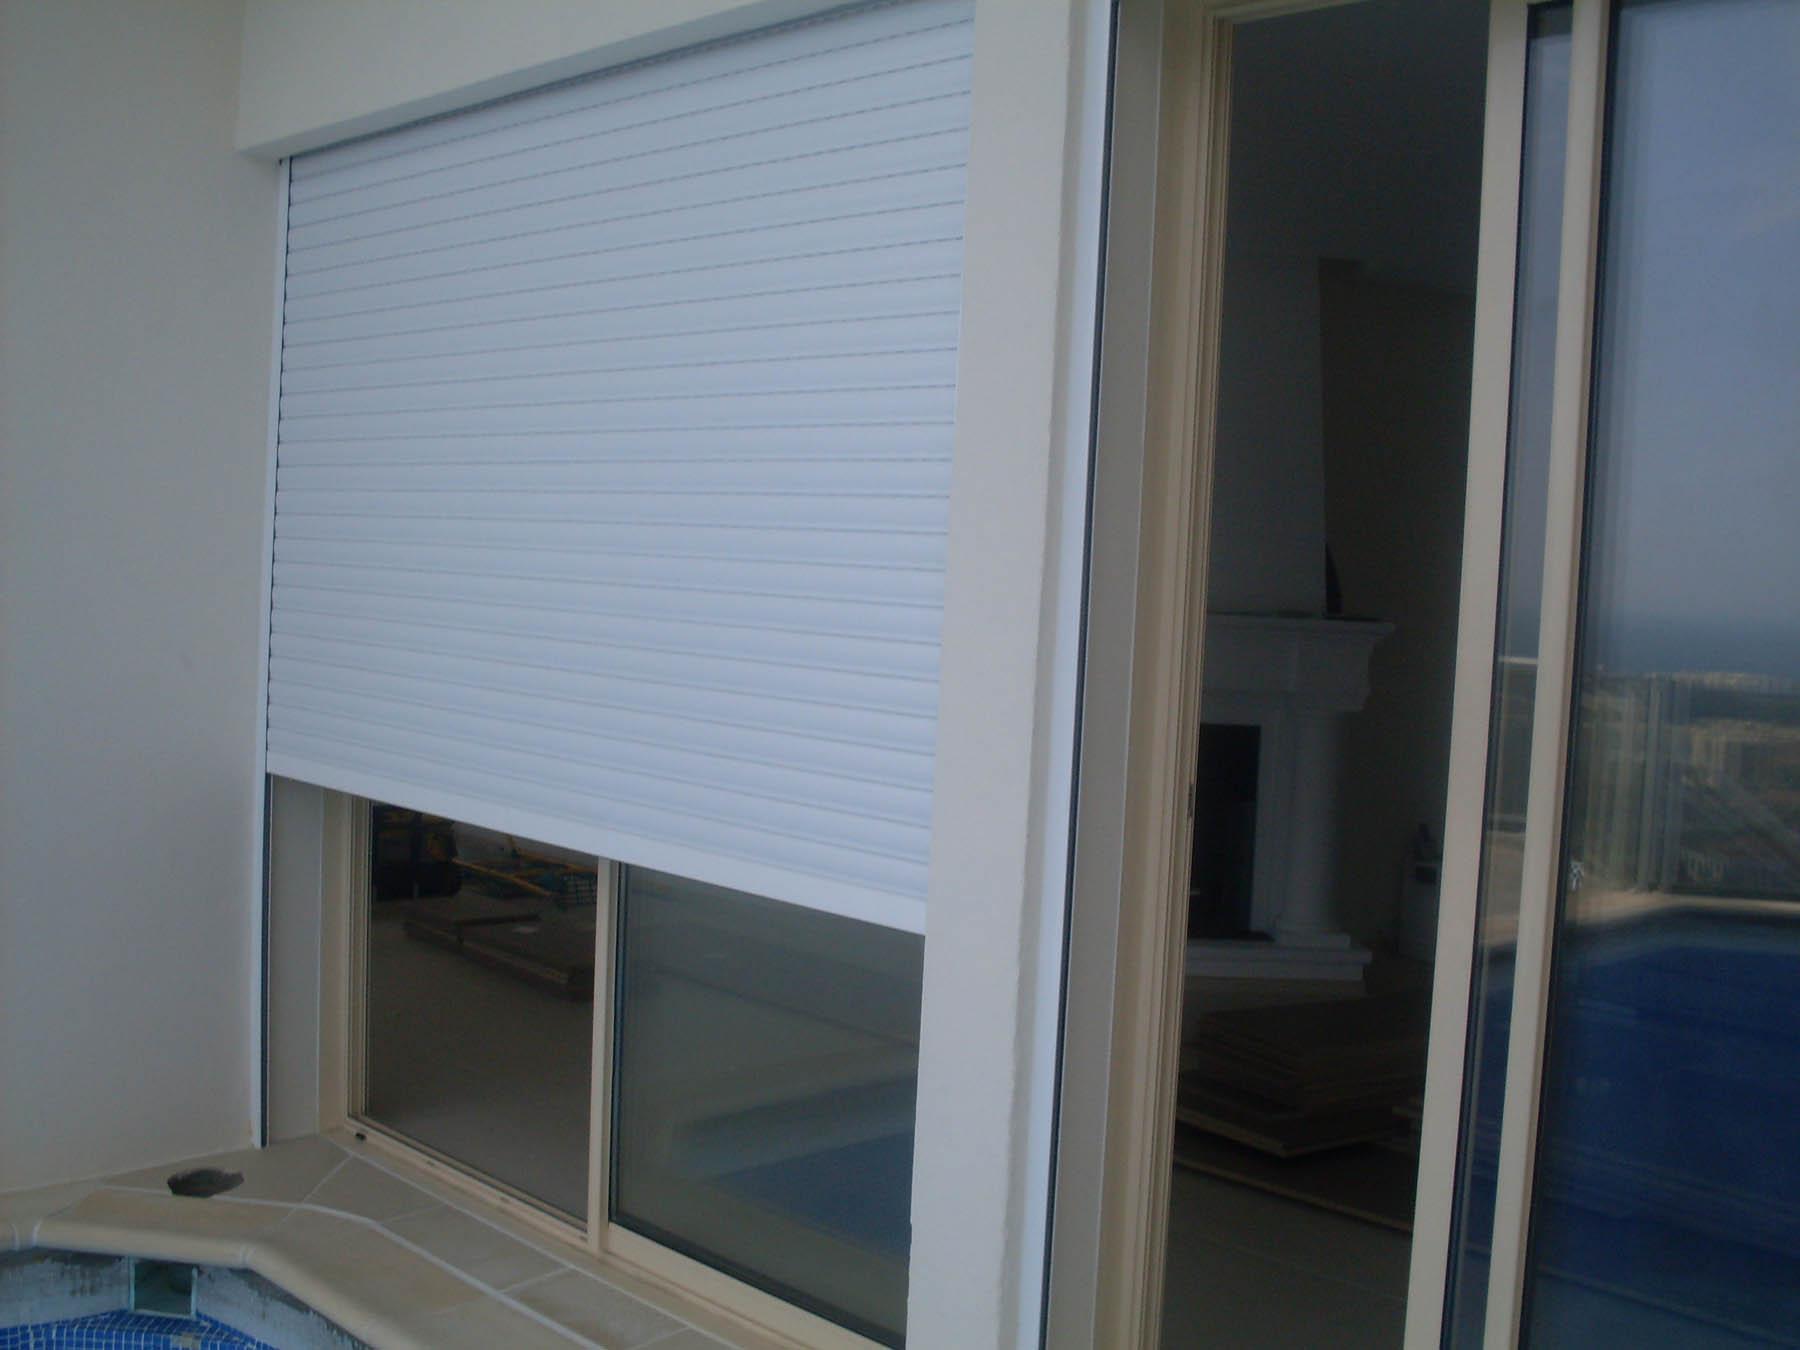 pont thermique fenetre alu amazing porte fentre vitre. Black Bedroom Furniture Sets. Home Design Ideas